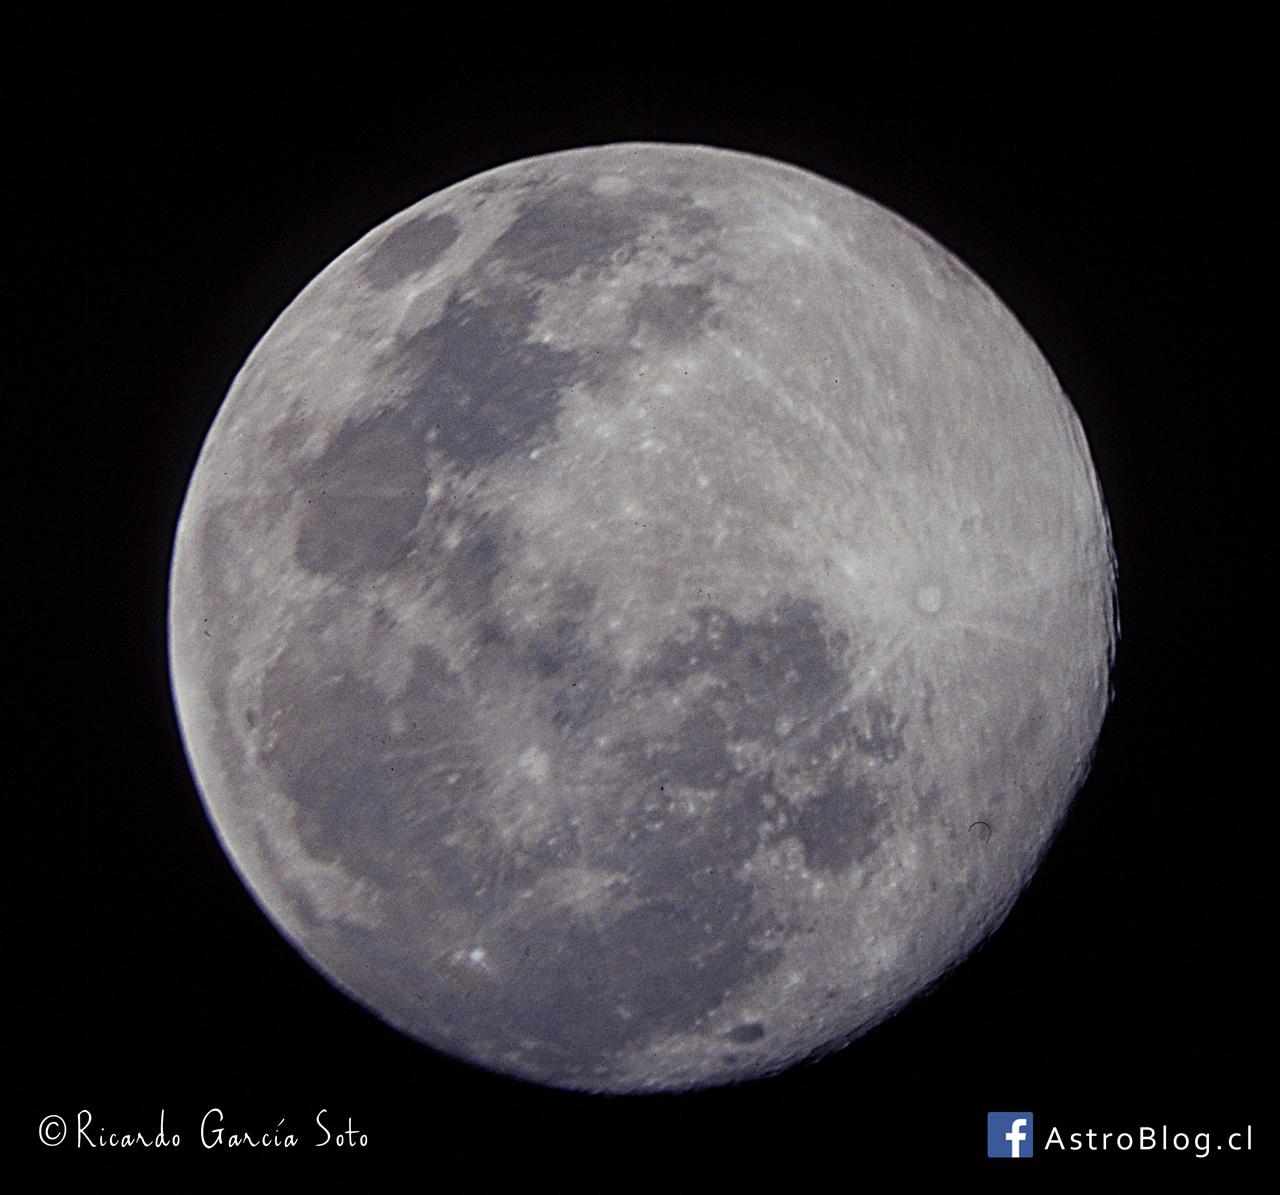 Luna llena captada por el autor, Ricardo García, mediante película fotográfica, la diapositiva está escaneada.